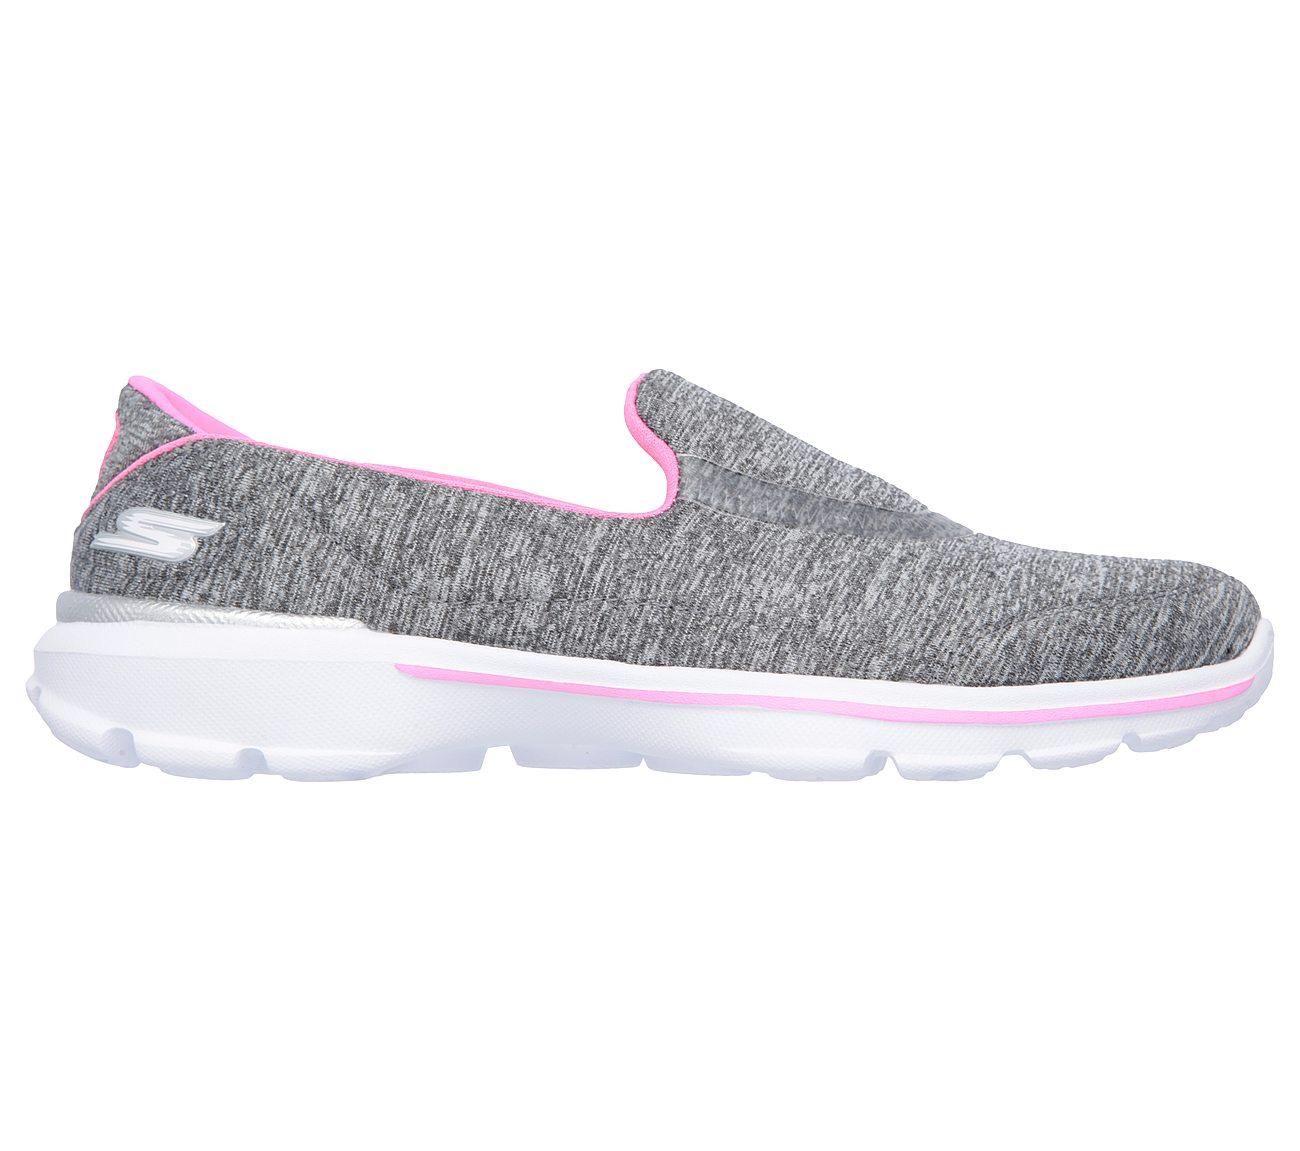 04d9a48e7e70 Buy SKECHERS Skechers GOwalk 3 - Reboot Skechers Performance Shoes ...